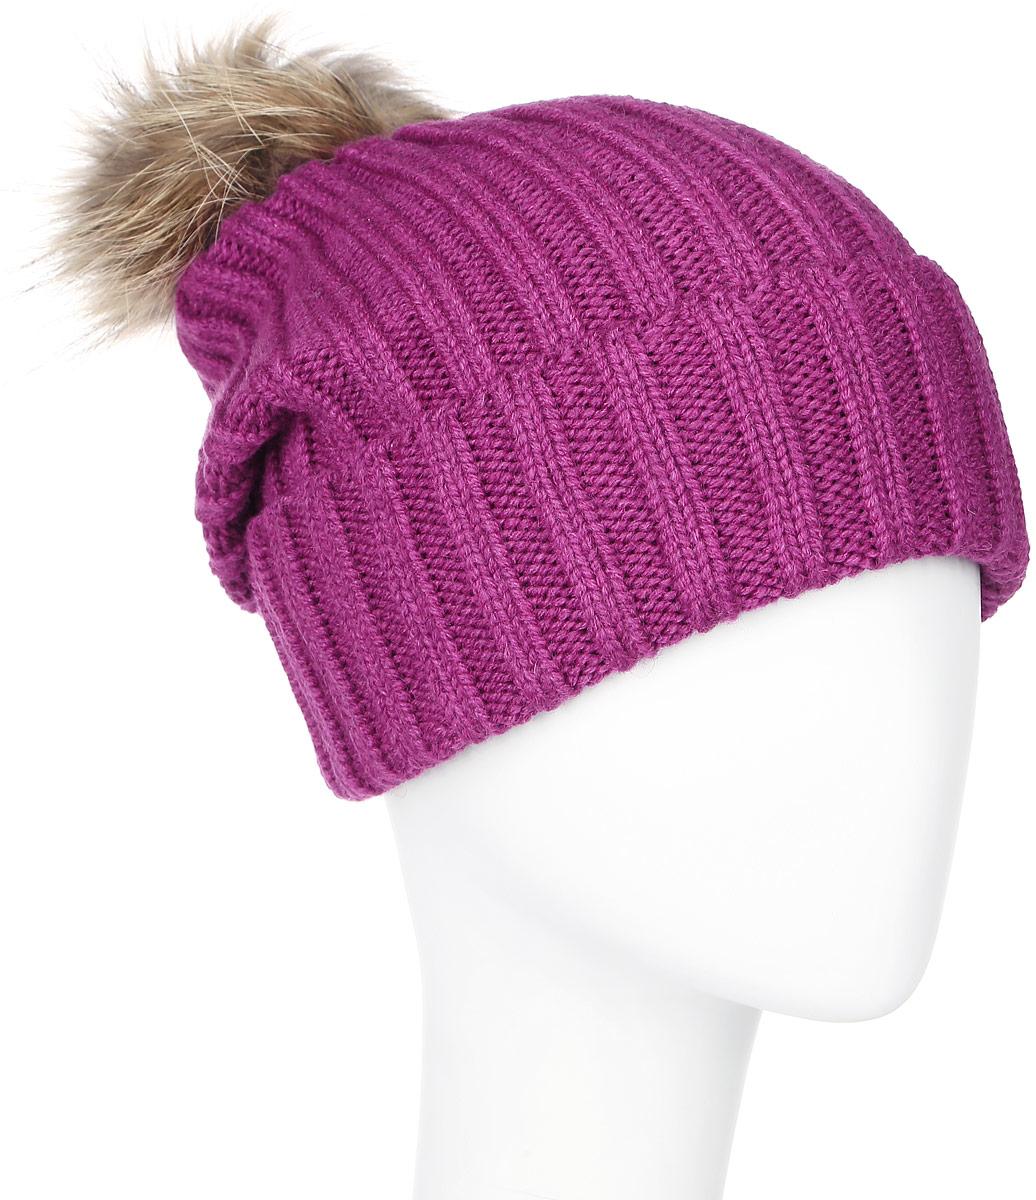 Шапка женская Marhatter, цвет: малиновый. MLH6190. Размер 56/58MLH6190Теплая женская шапка Marhatter отлично дополнит ваш образ в холодную погоду. Сочетание шерсти и акрила максимально сохраняет тепло и обеспечивает удобную посадку, невероятную легкость и мягкость.Удлиненная шапка с отворотом выполнена в лаконичном однотонном стиле и дополнена на макушке пушистым помпоном из натурального меха енота. Спереди модель дополнена небольшой металлической пластиной с изображением снежинки. Незаменимая вещь на прохладную погоду. Модель составит идеальный комплект с модной верхней одеждой, в ней вам будет уютно и тепло.Уважаемые клиенты!Размер, доступный для заказа, является обхватом головы.